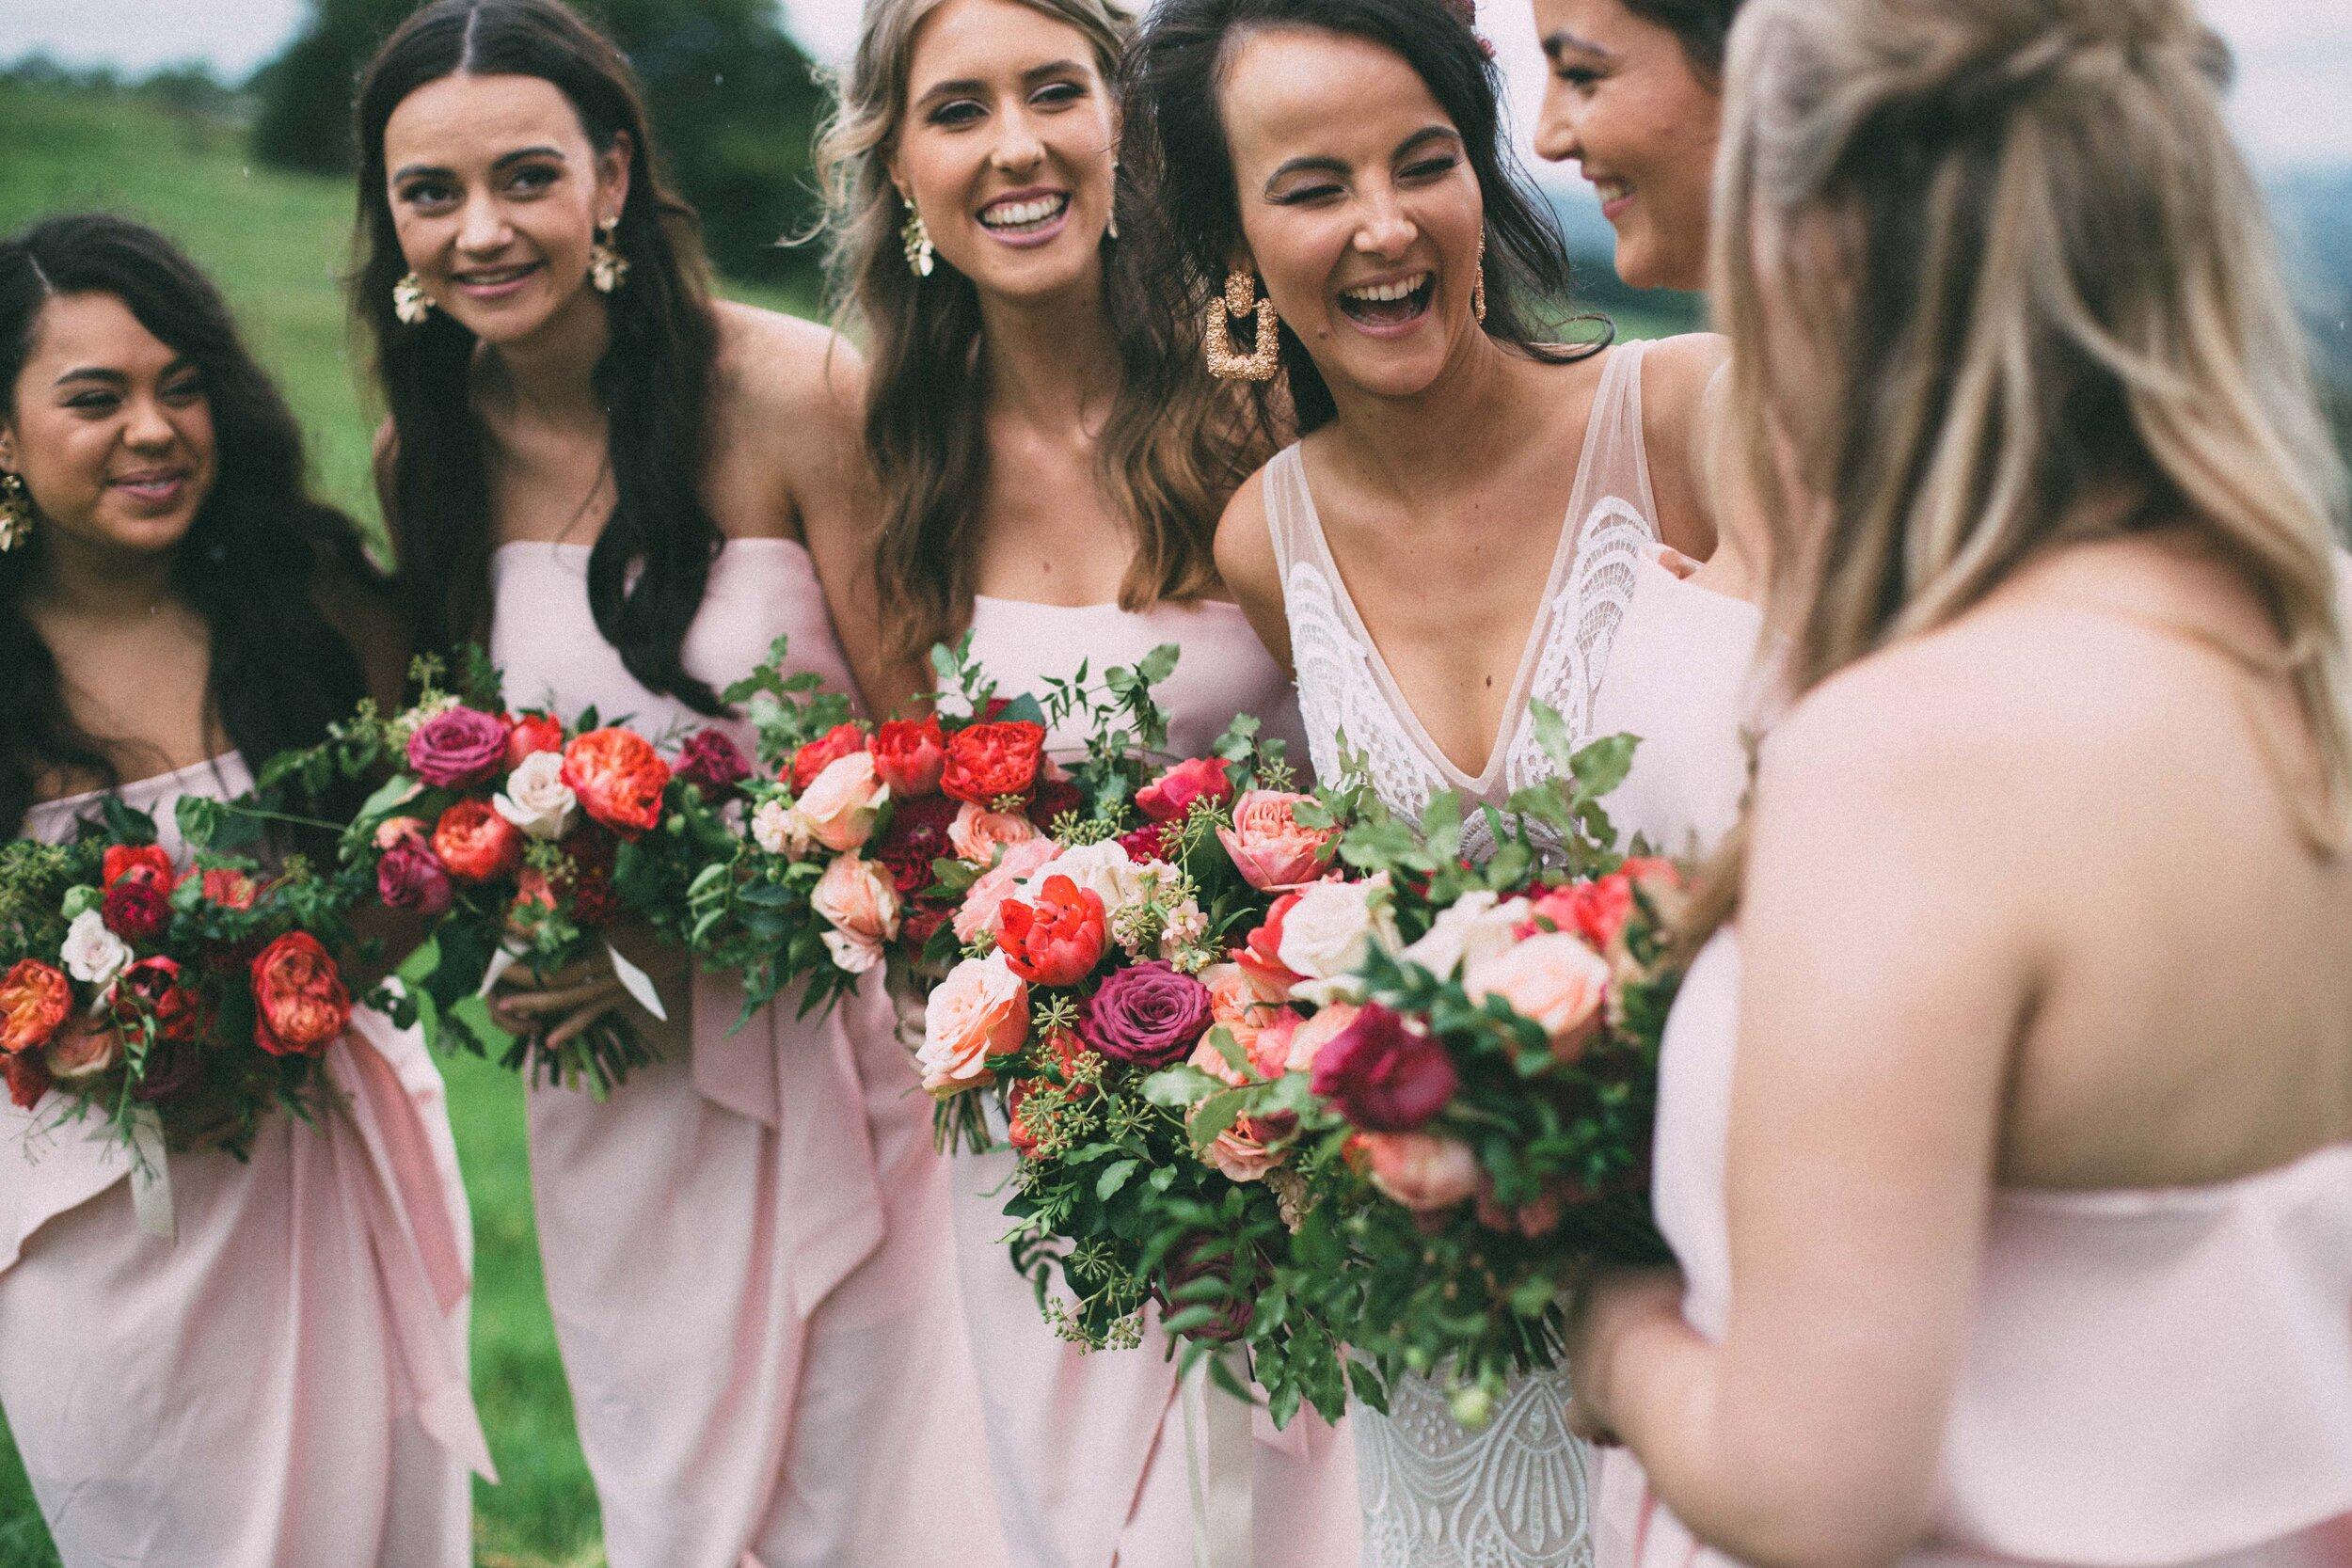 Wedding Flowers Sunshine Coast - Photo By Alcorn Images